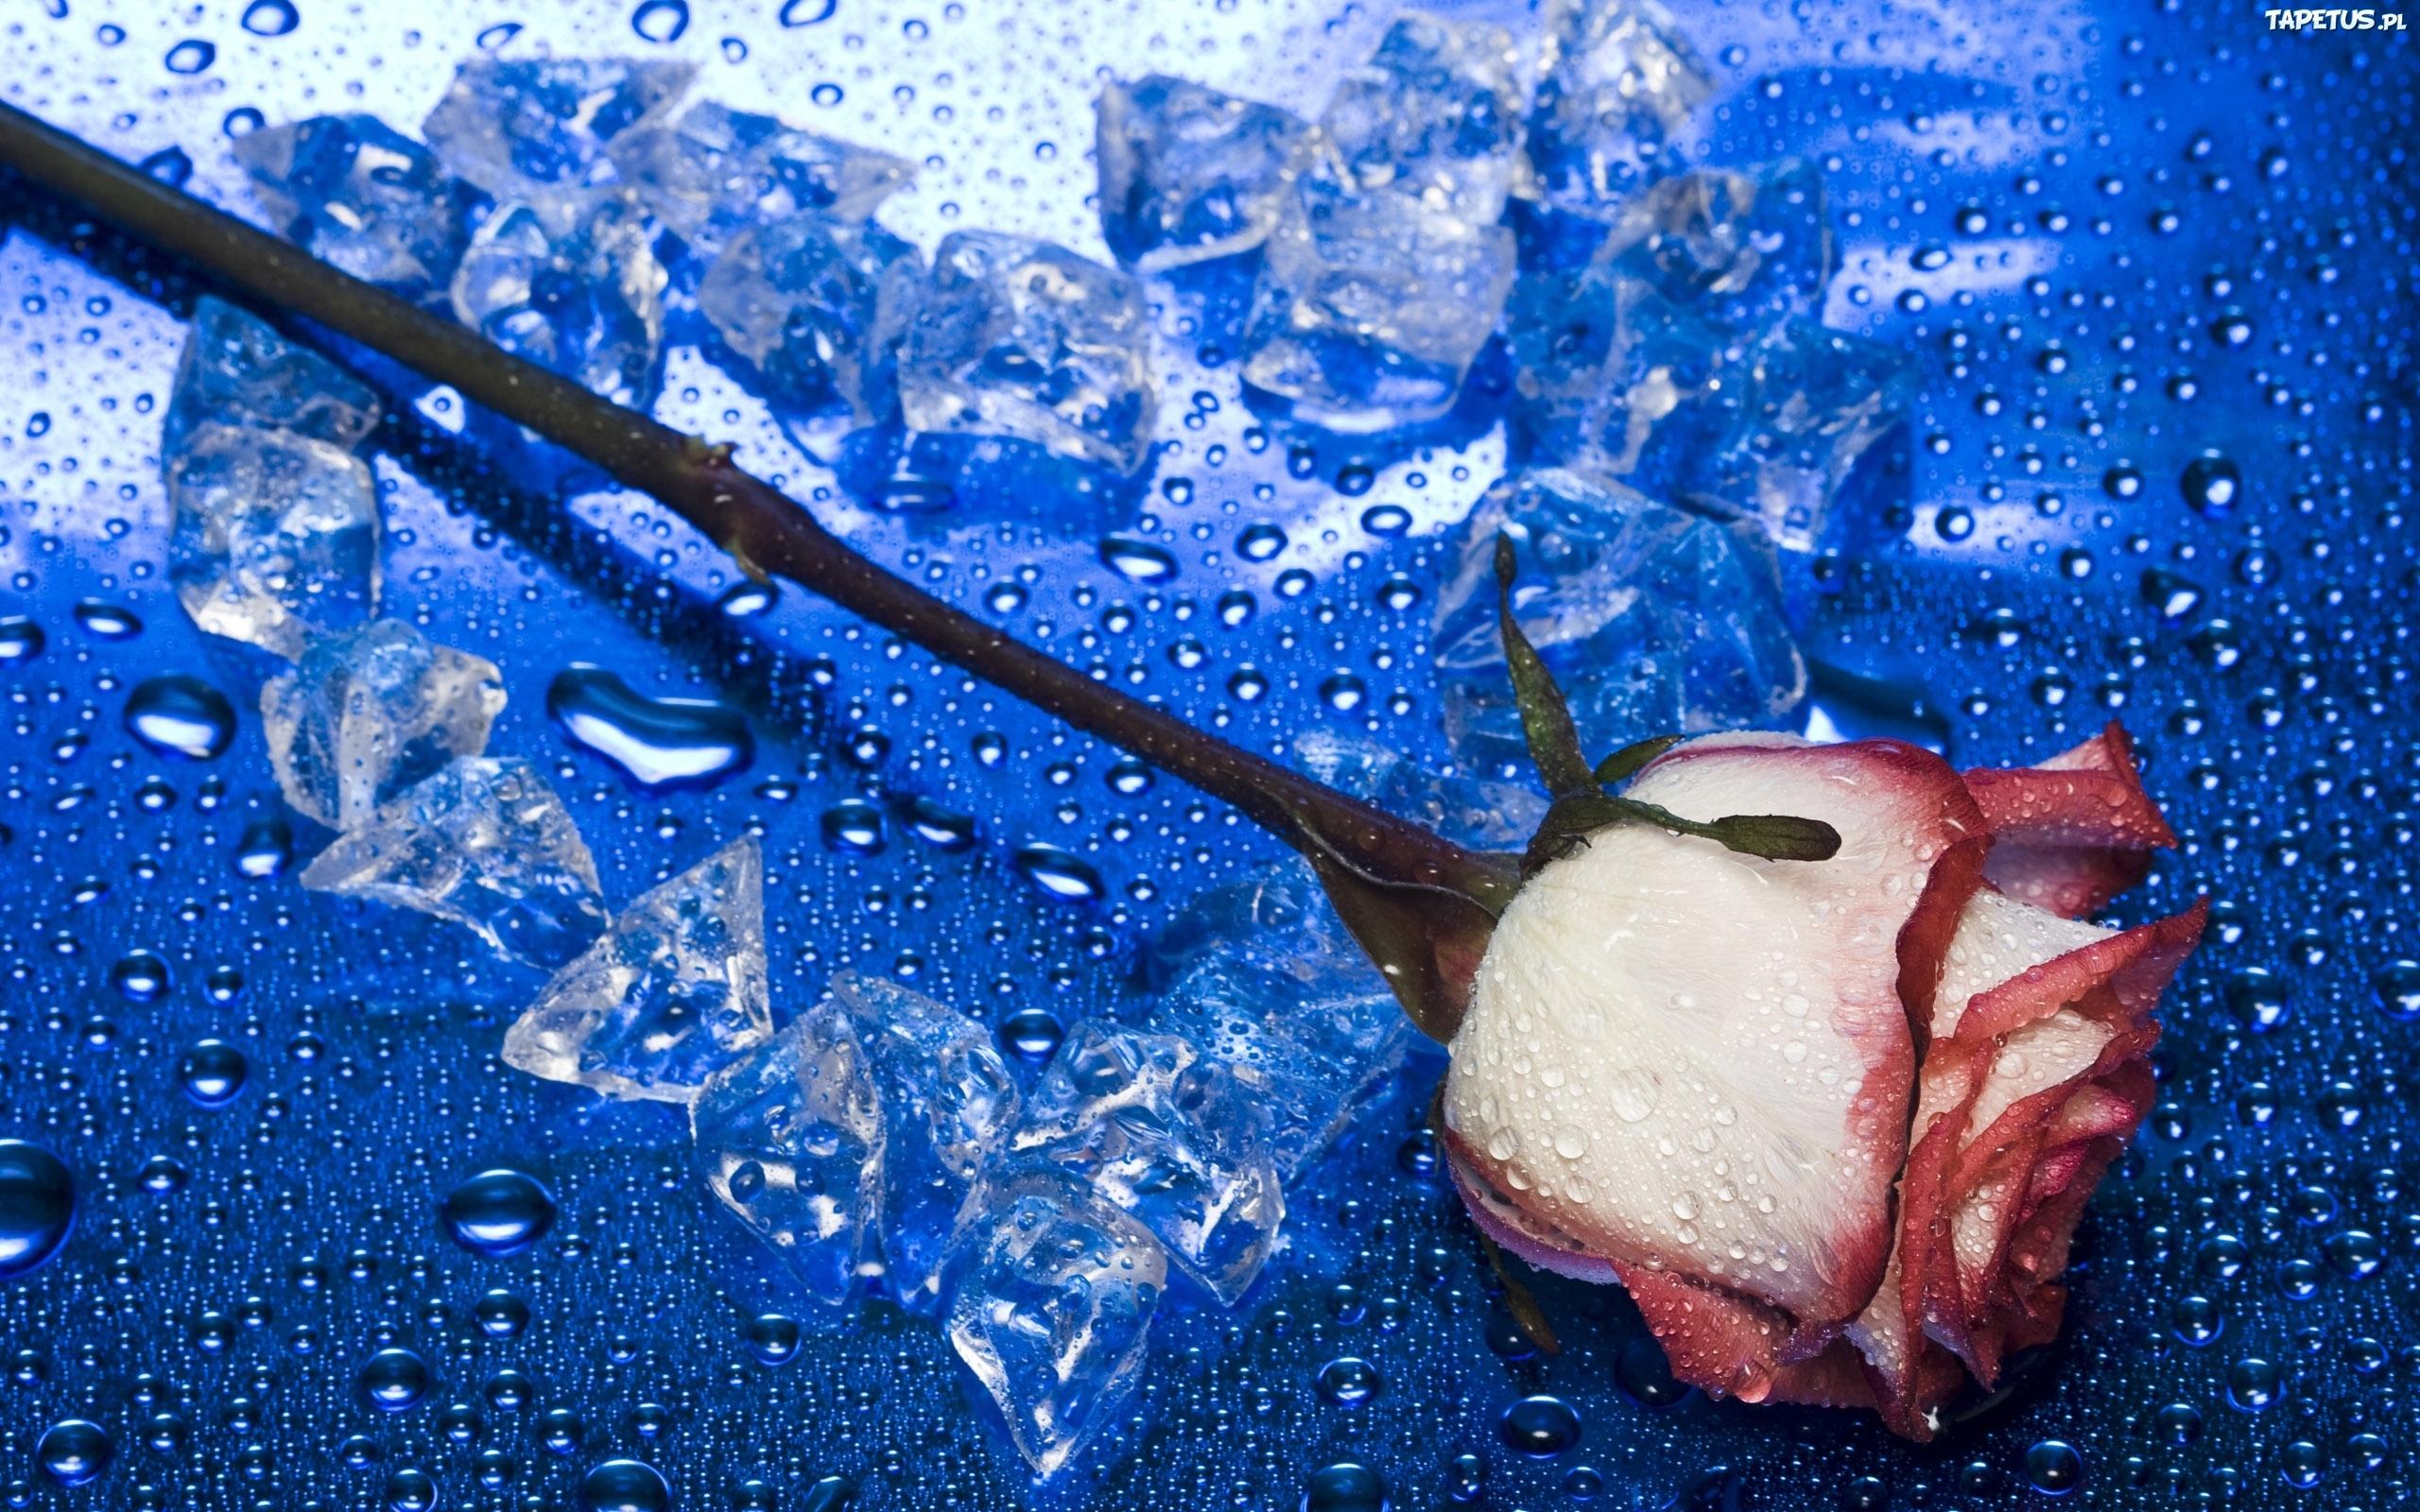 Два ледяных сердца  № 3490330 бесплатно